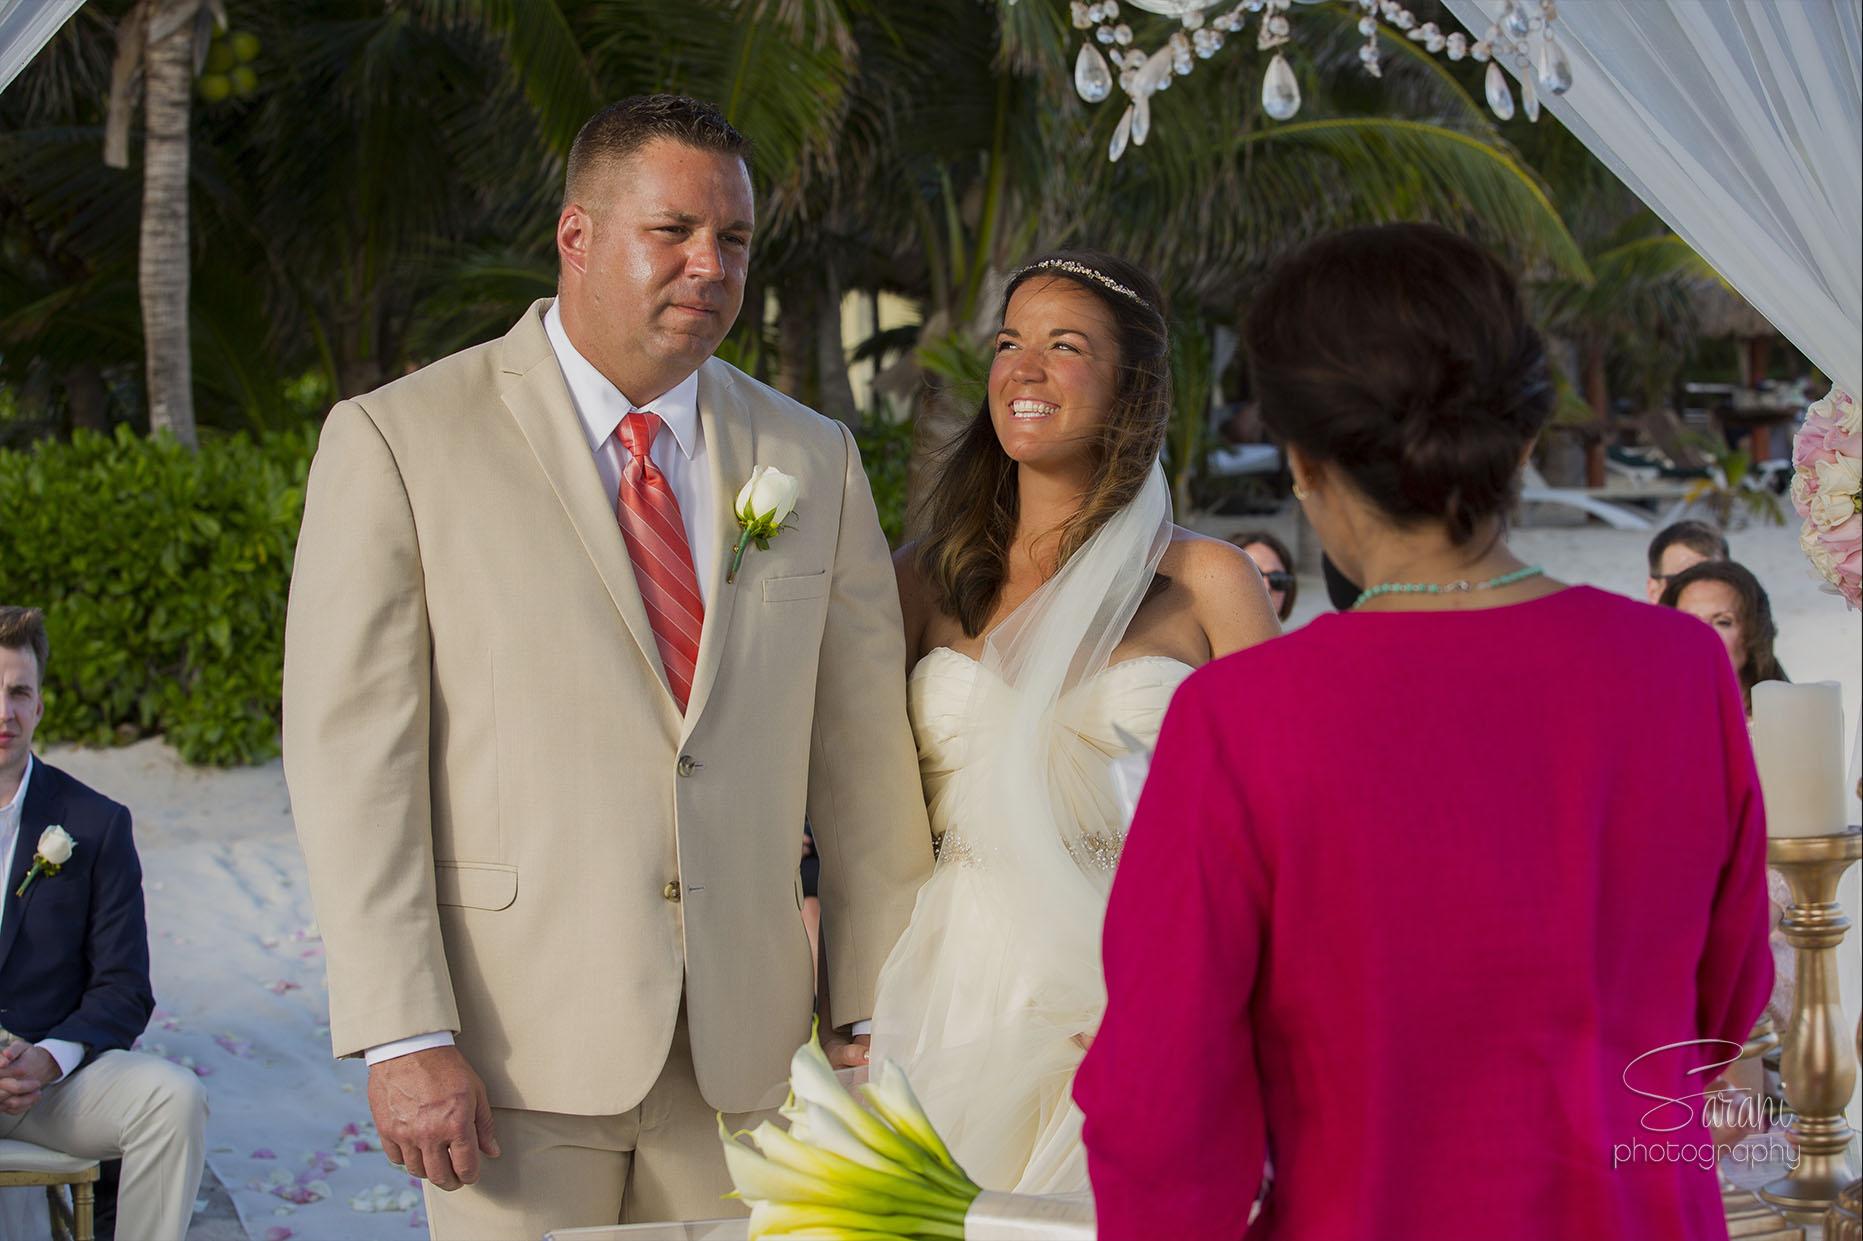 El Dorado Royale Wedding Photos